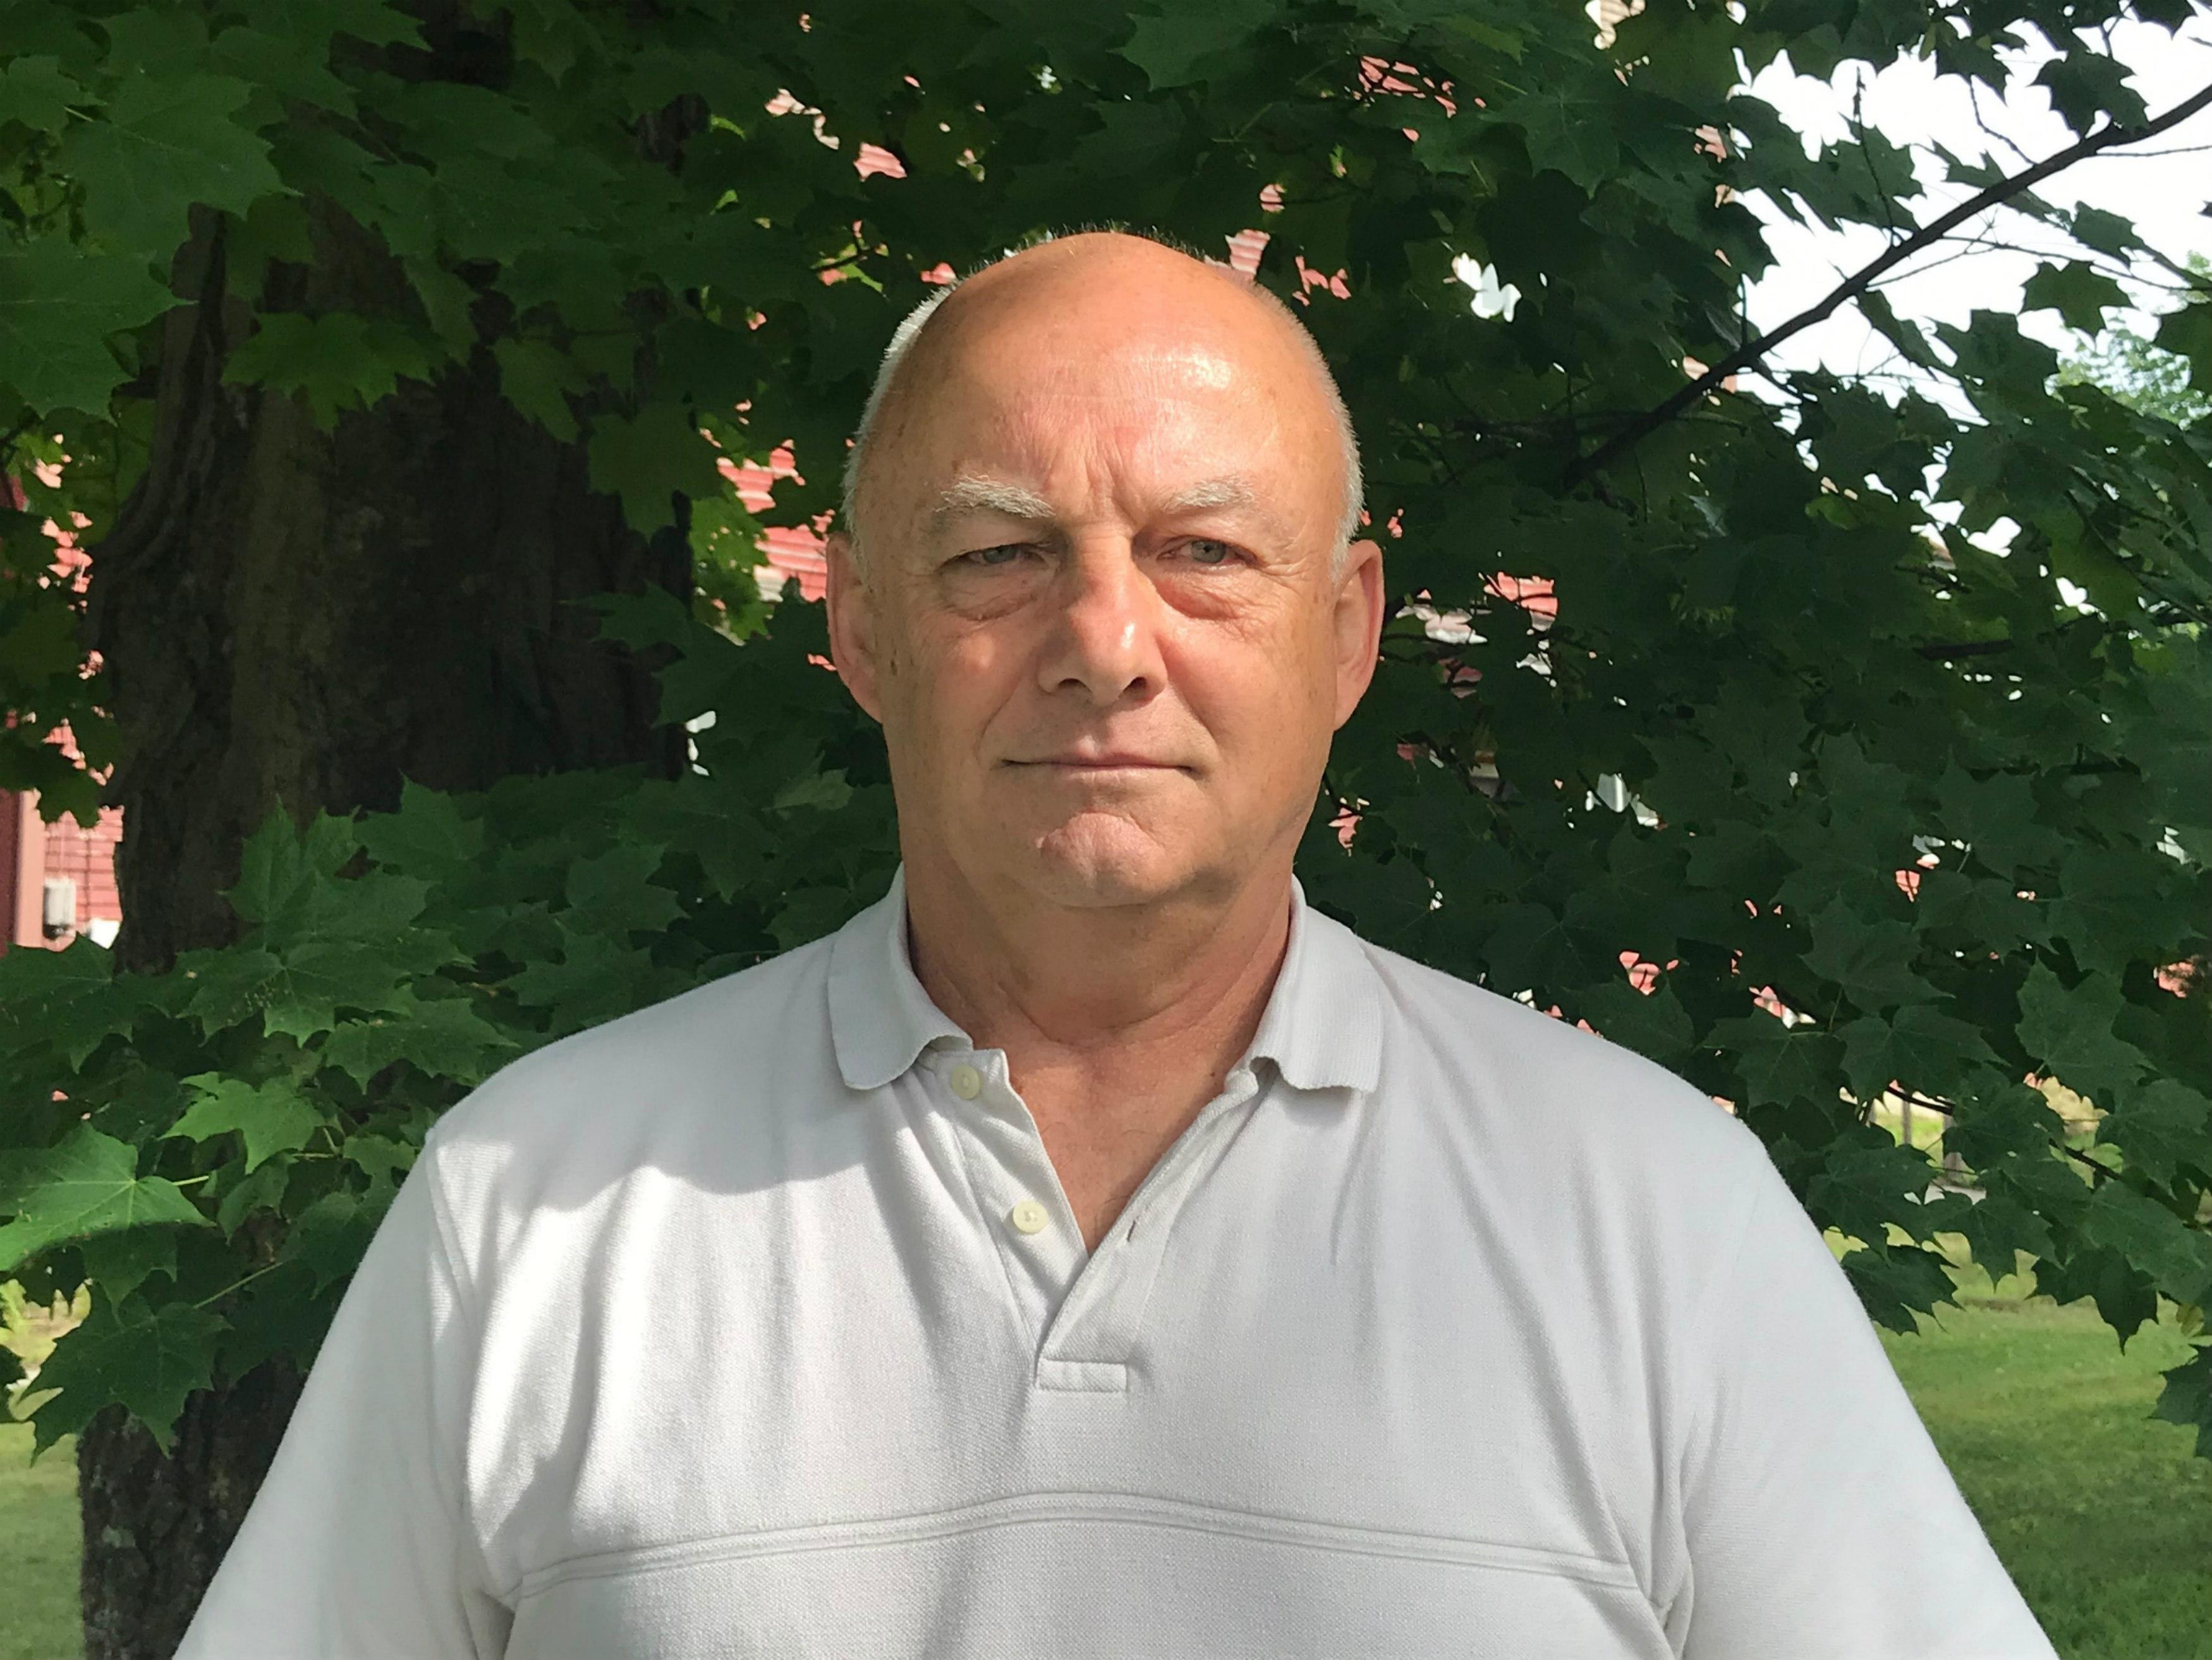 Kurt Miglinas